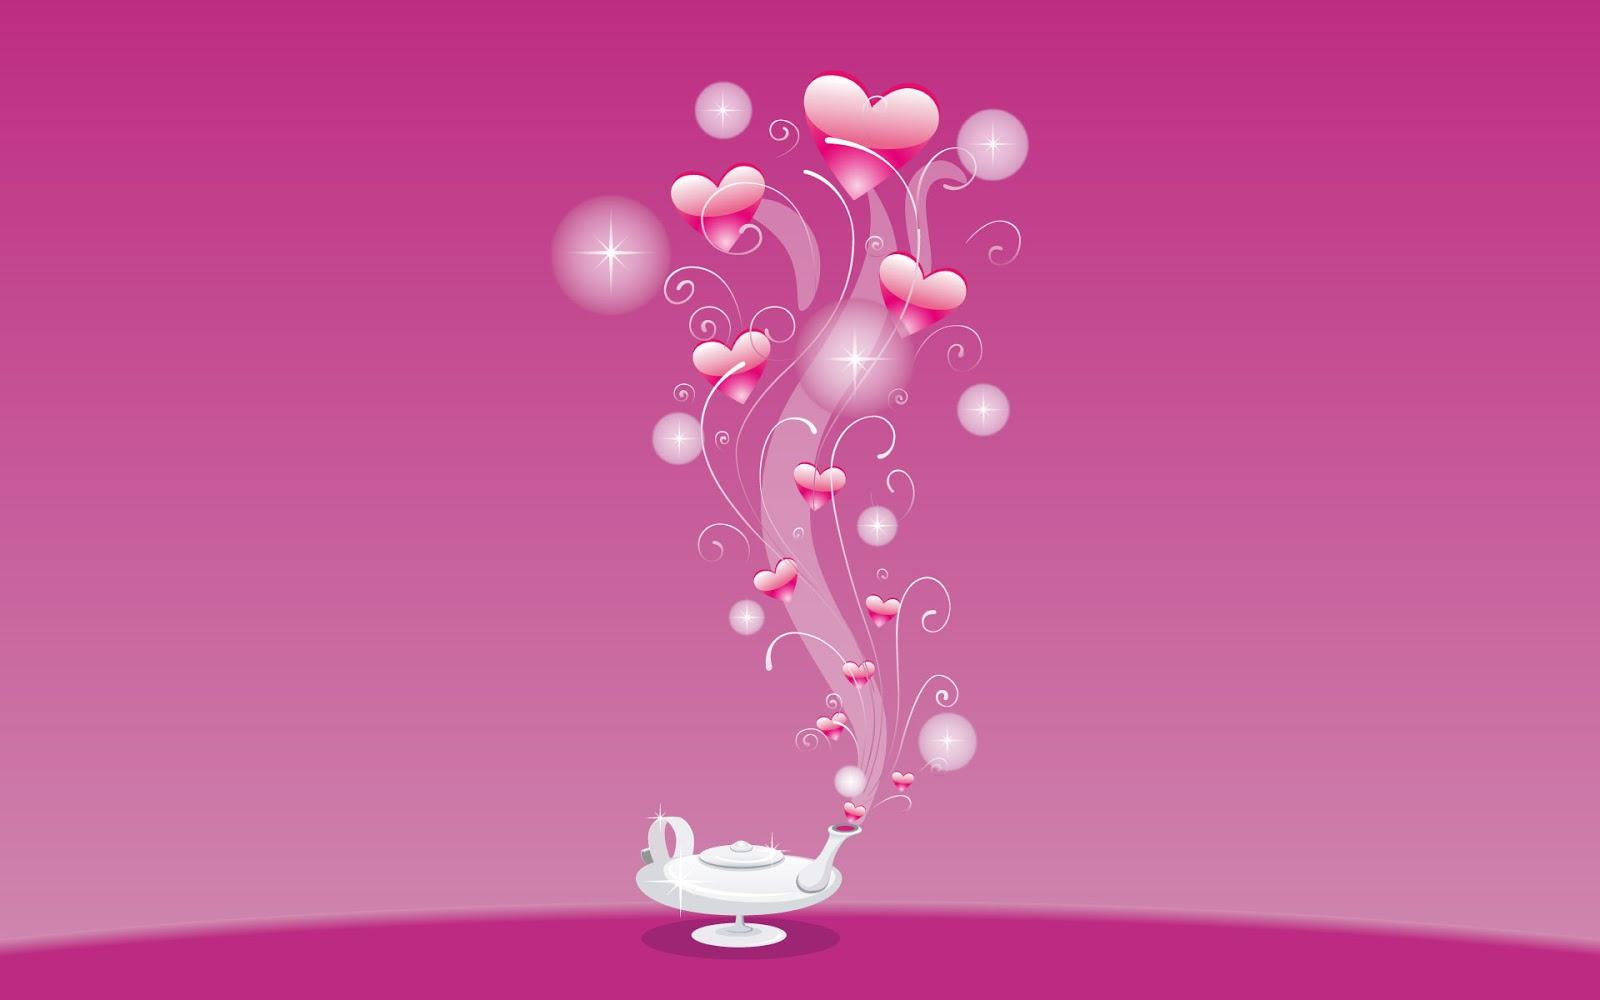 Imagenes de amor para facebook gratis YouTube - Imagenes De Amor.Com Gratis